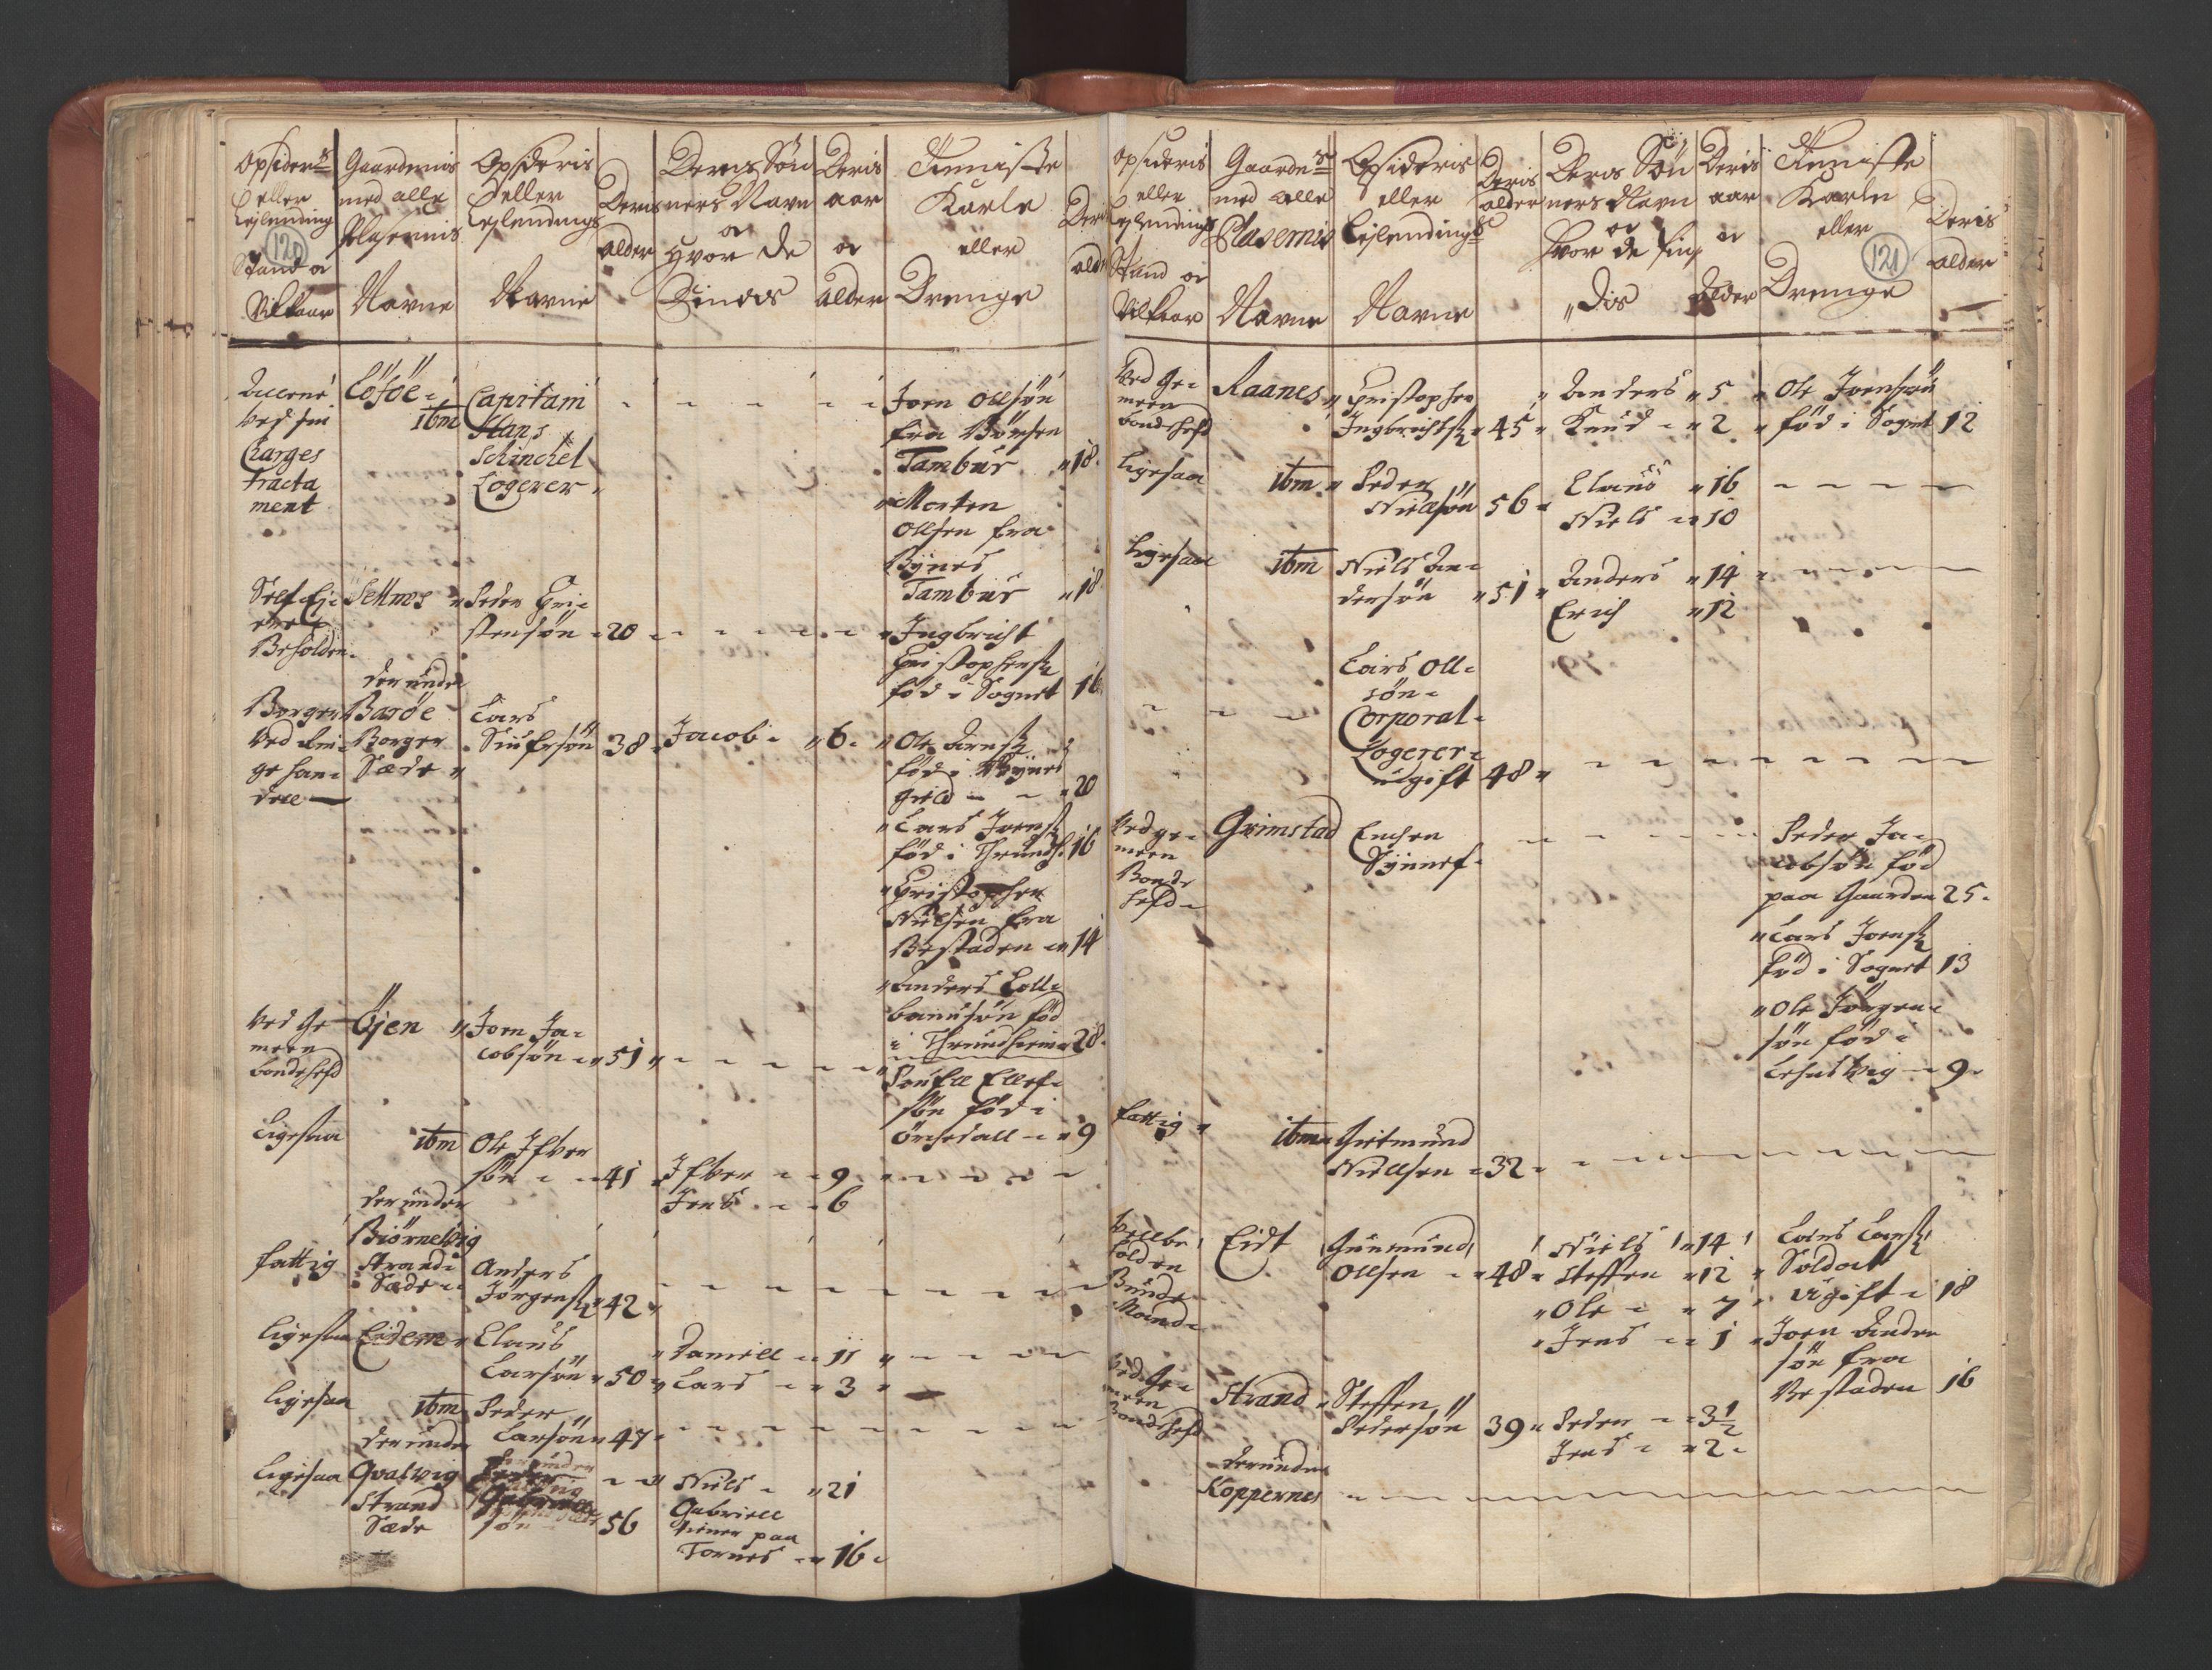 RA, Manntallet 1701, nr. 12: Fosen fogderi, 1701, s. 120-121